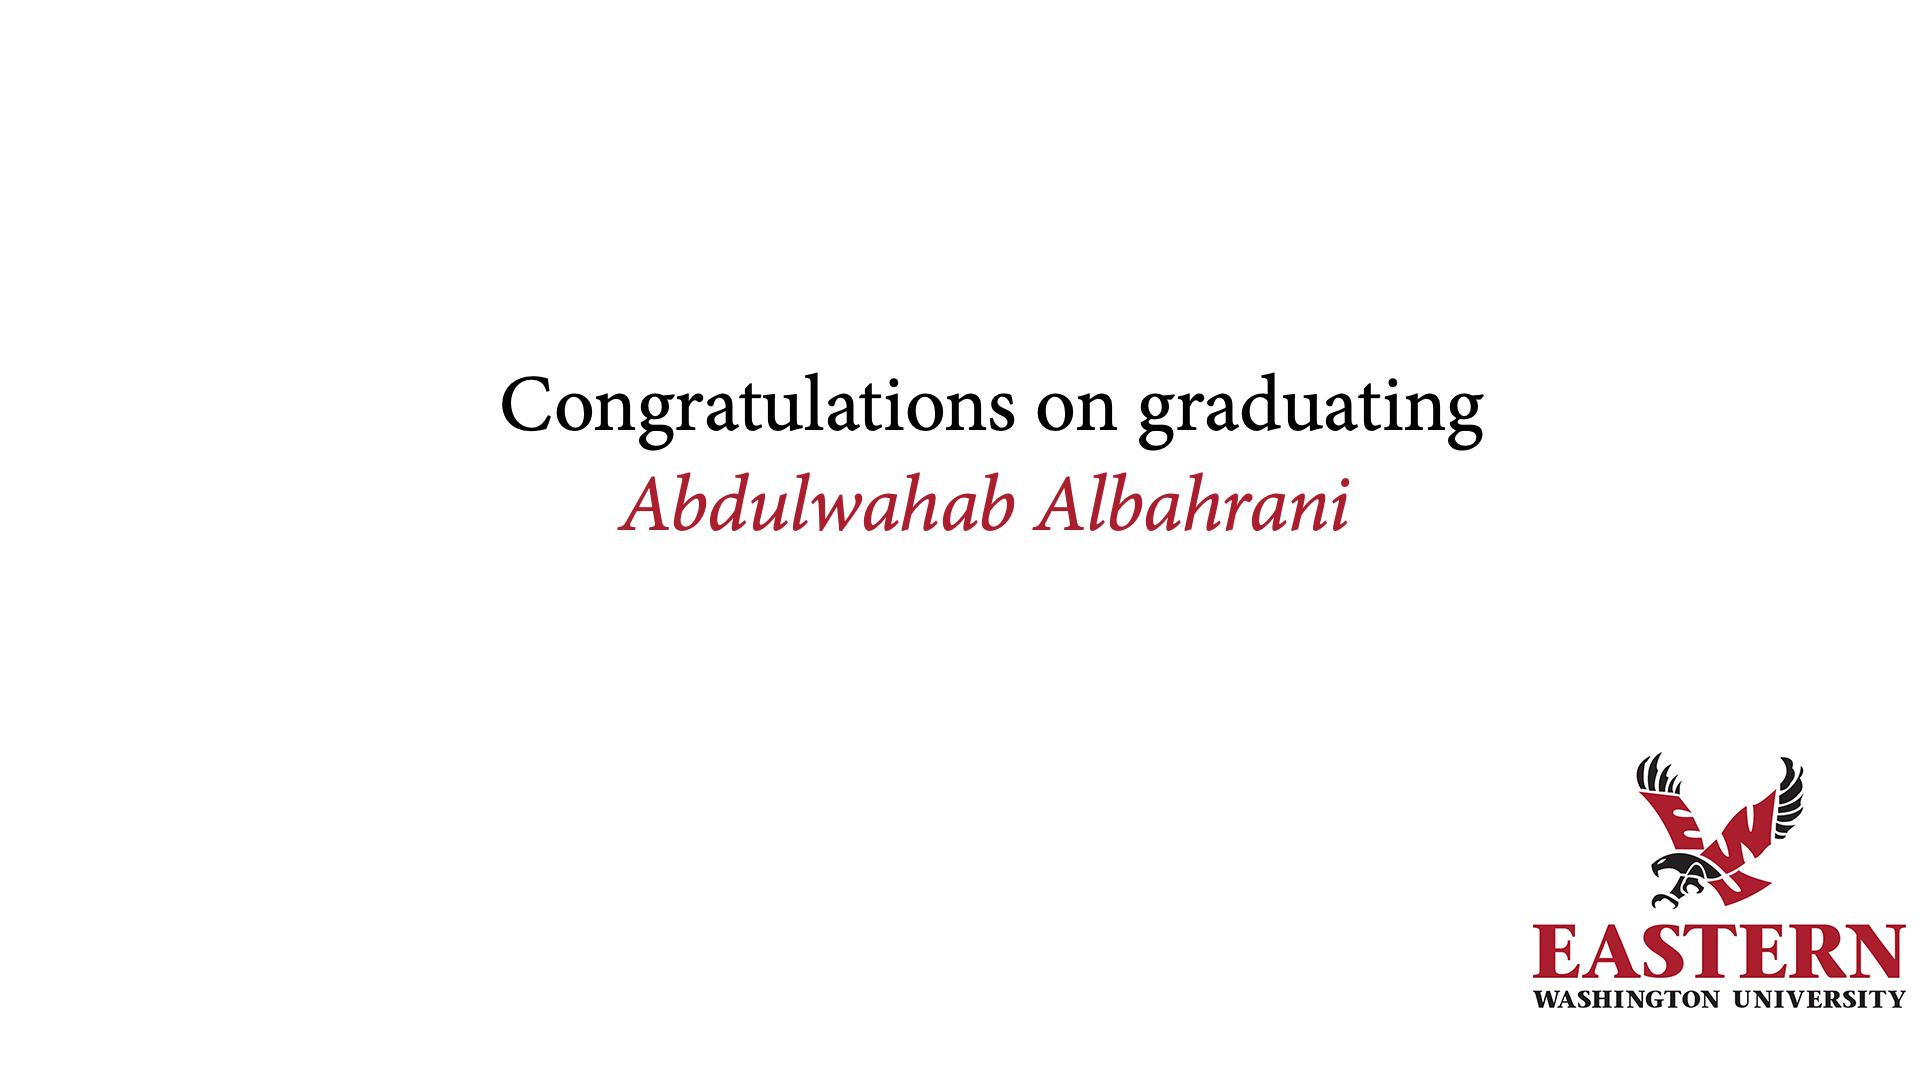 tbi_abdulraouf-abdullah-h-alnashmi_6490.png